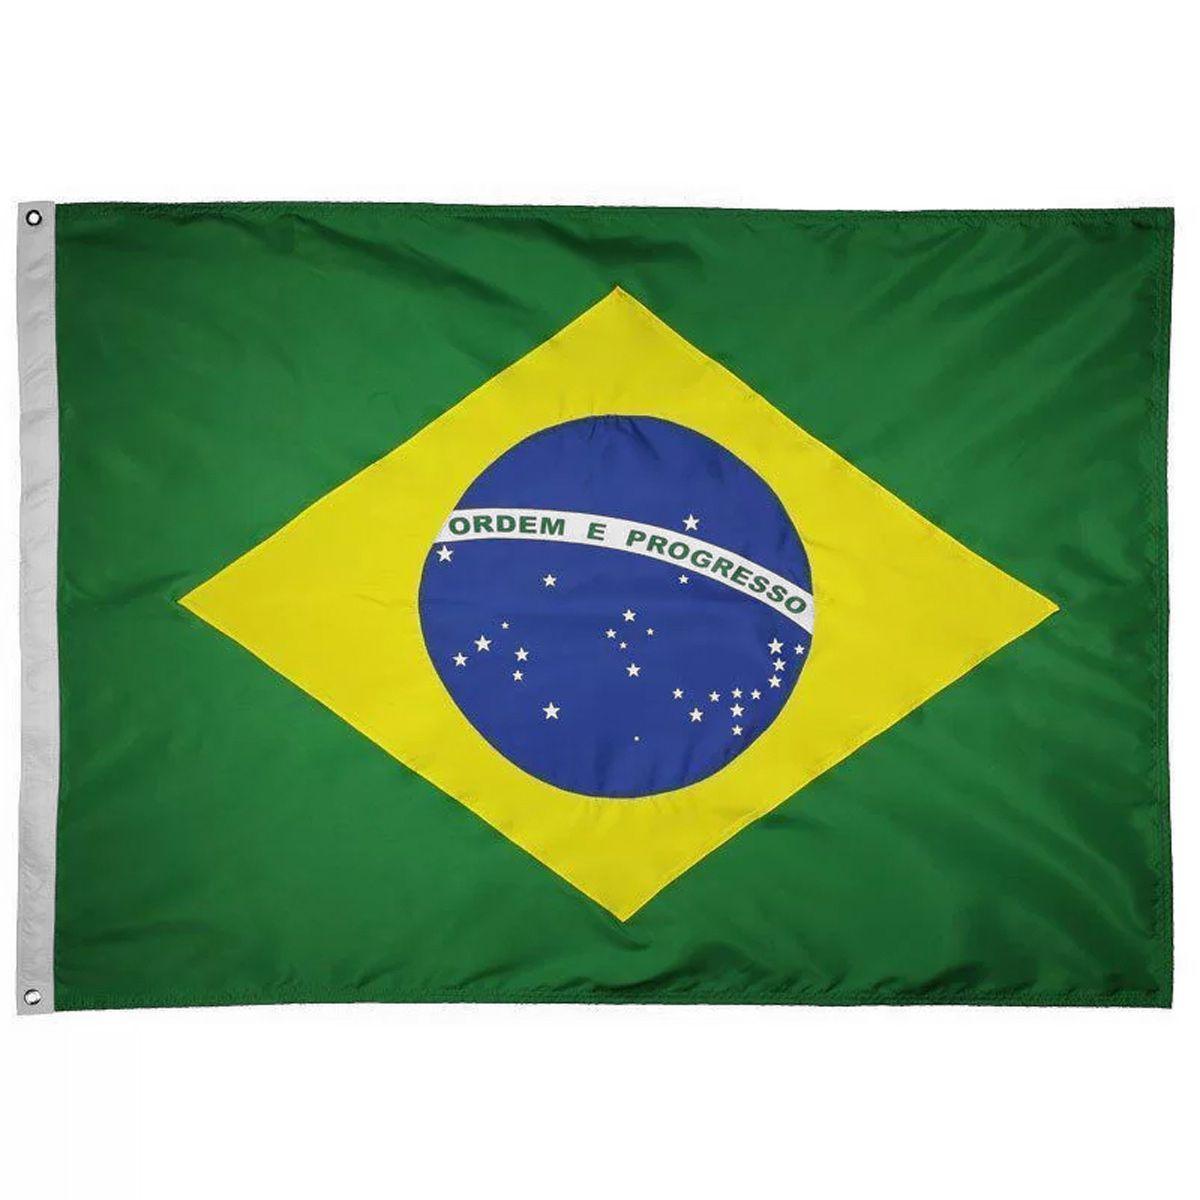 Bandeira Oficial do Brasil 256 x 180 cm - 4 panos